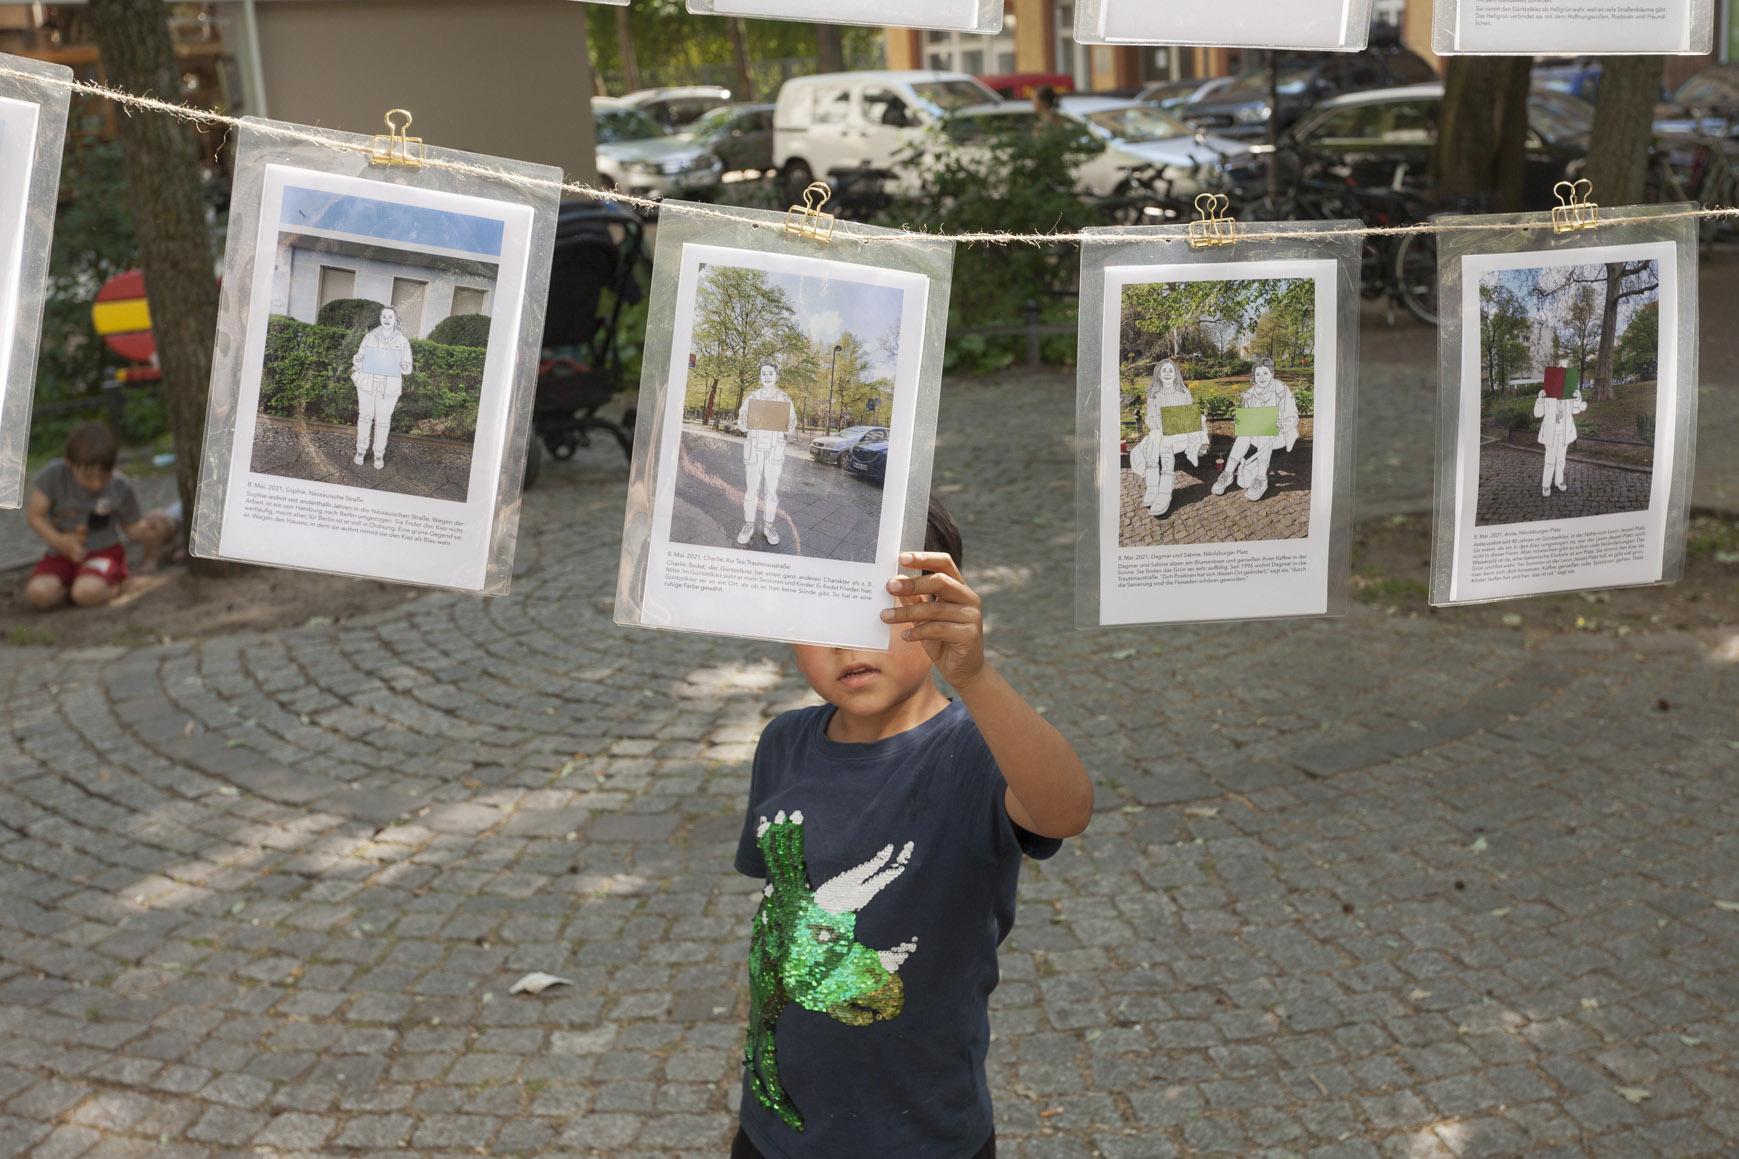 ©stadtfindetkunst, Eröffnung Farbklang im Güntzelkiez